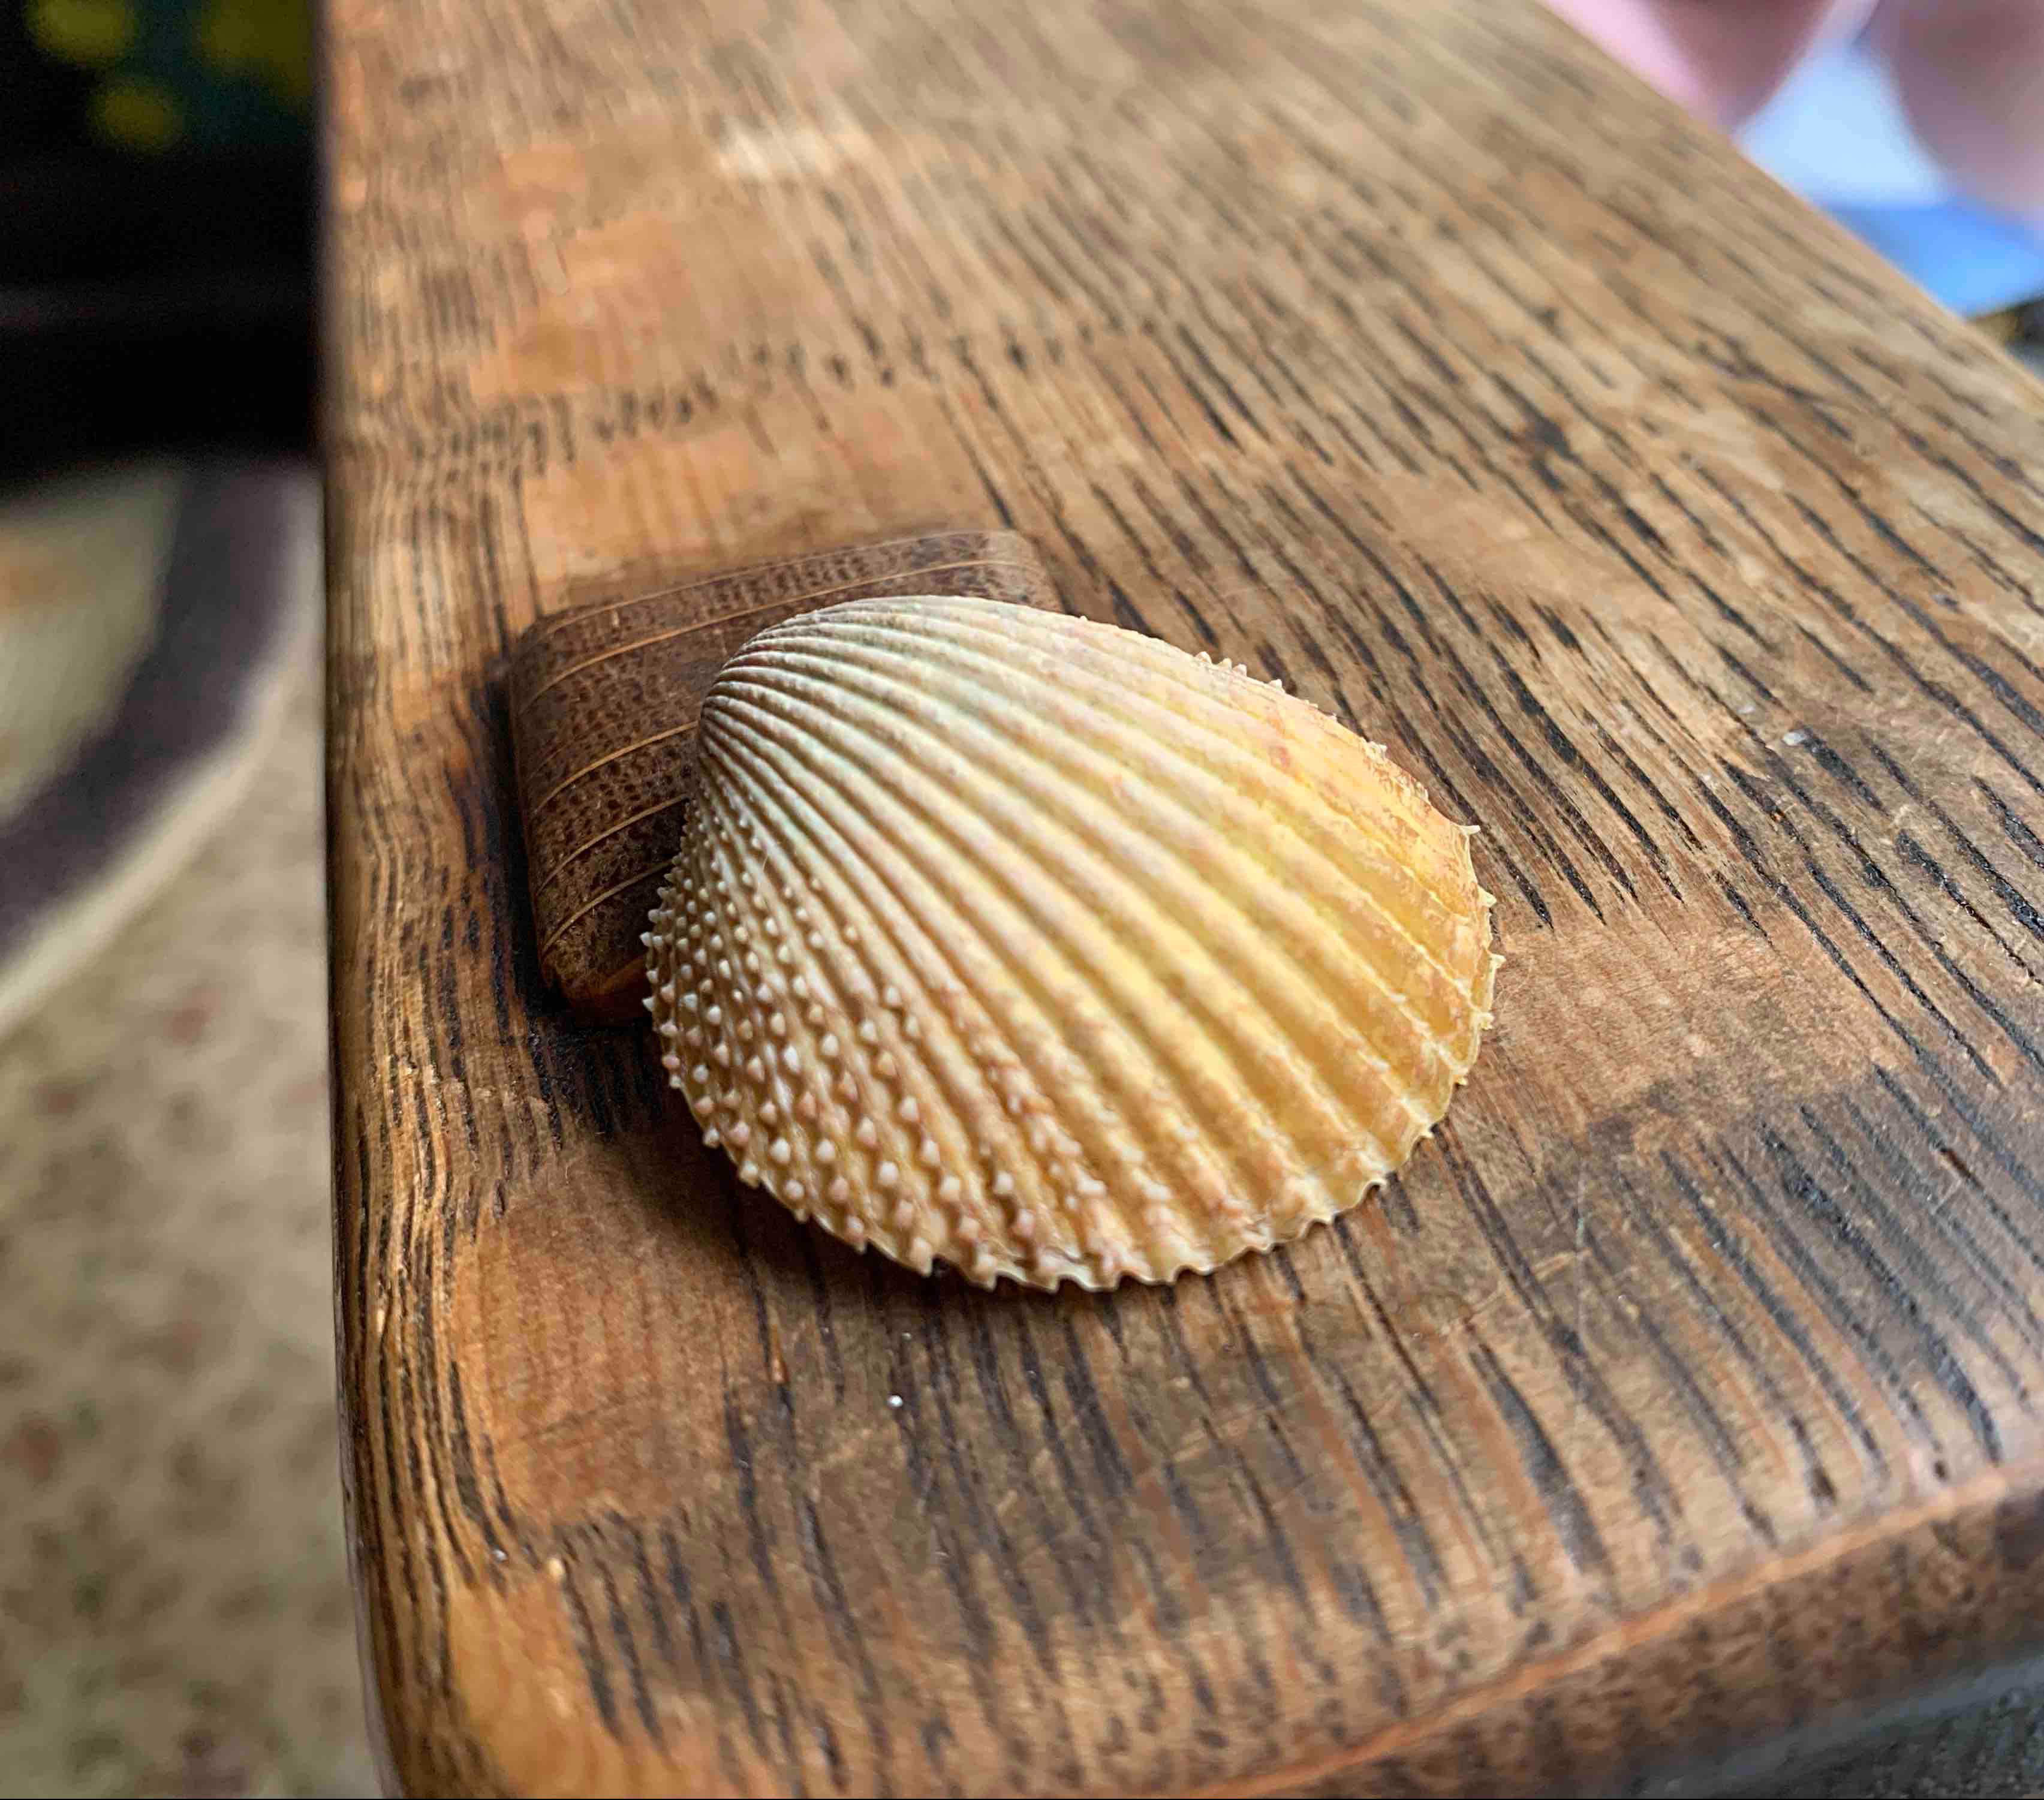 Pricklycockle seashell